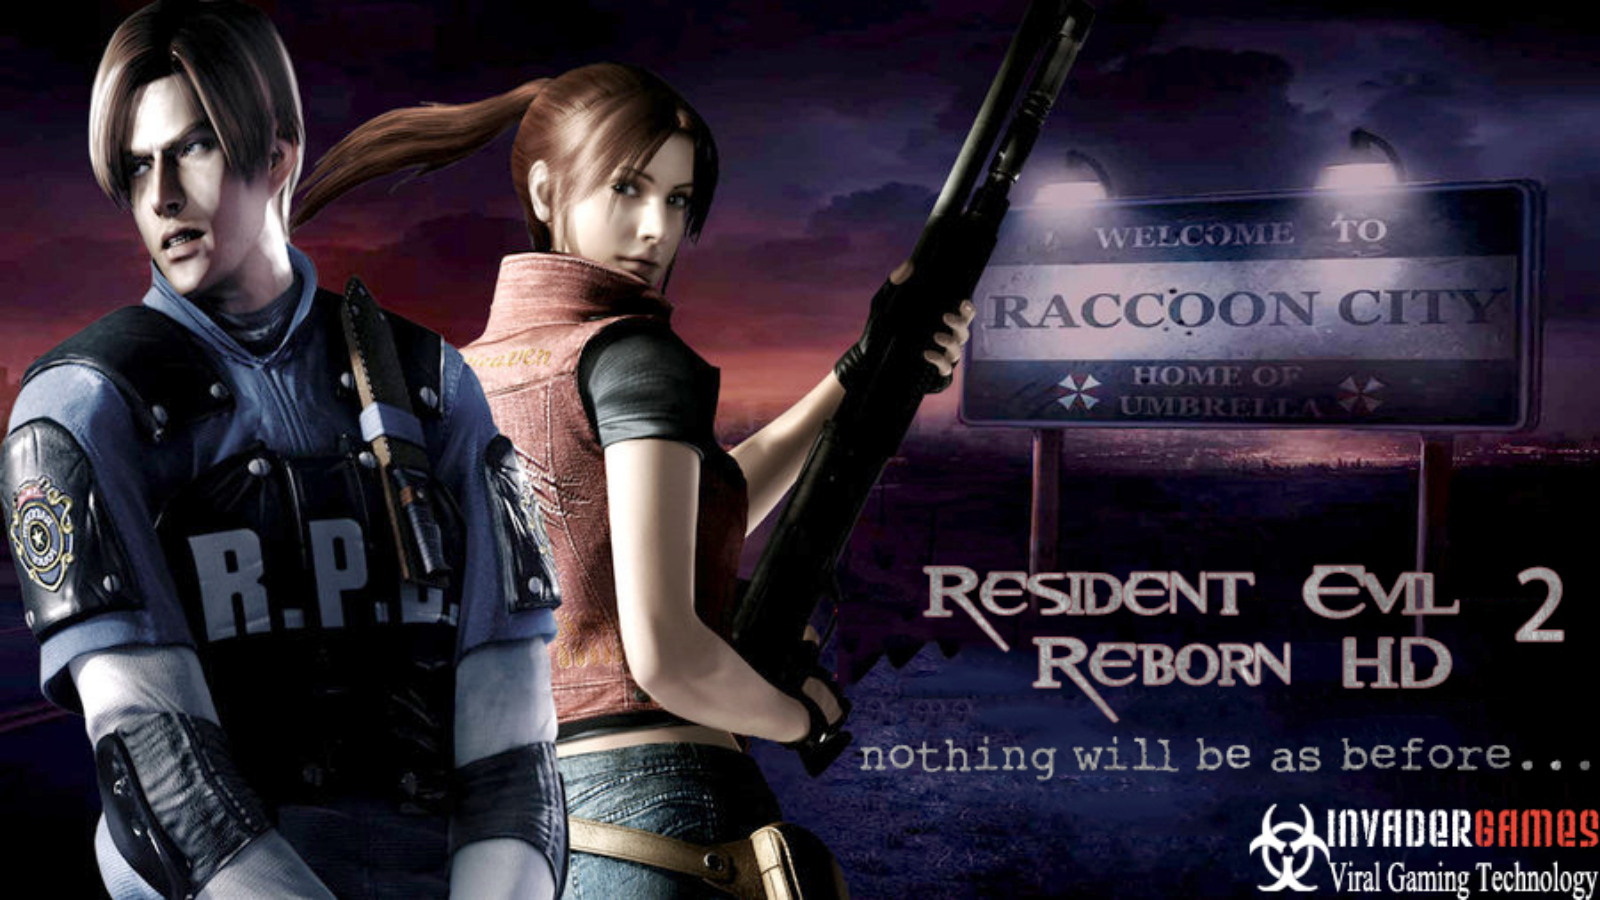 Resident Evil 2 Reborn Hd Resident Evil Wallpaper 37095494